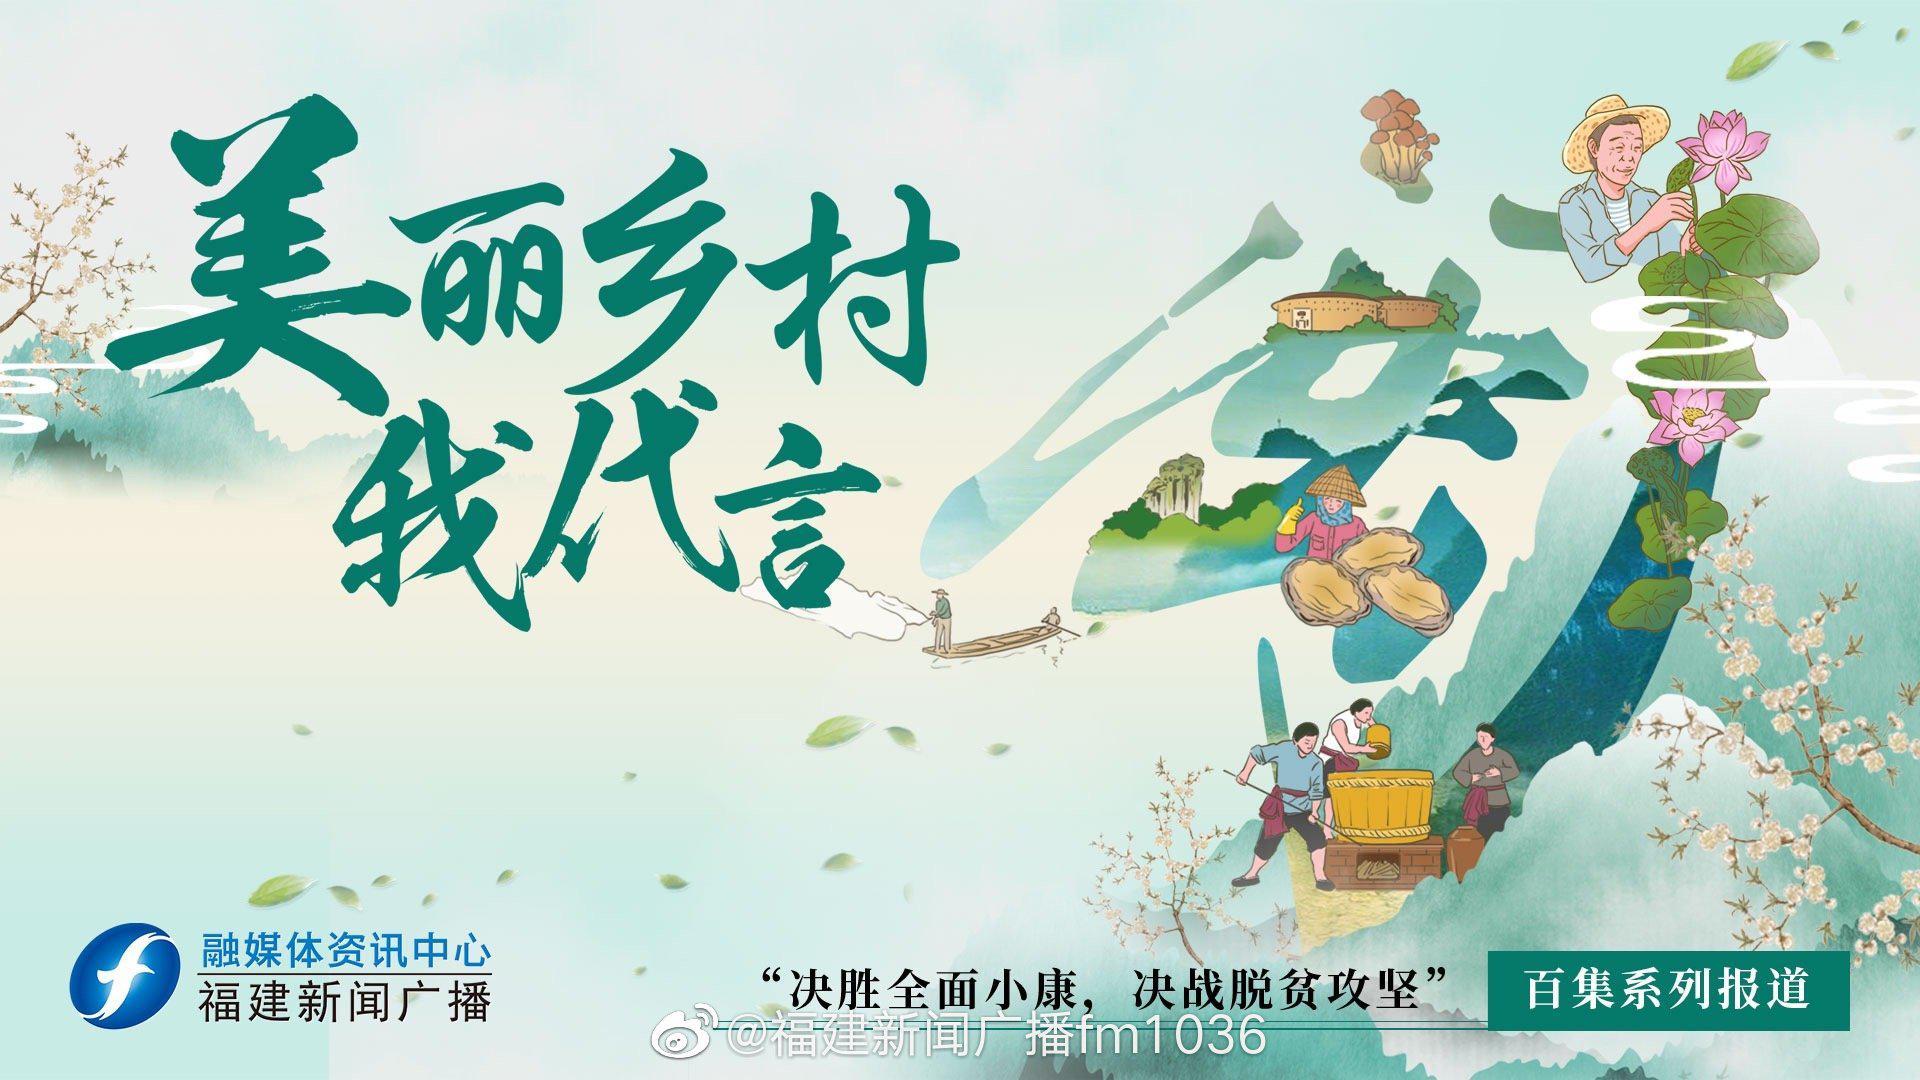 闽山闽水间,赏味八闽风物;乡村振兴中,读取幸福故事